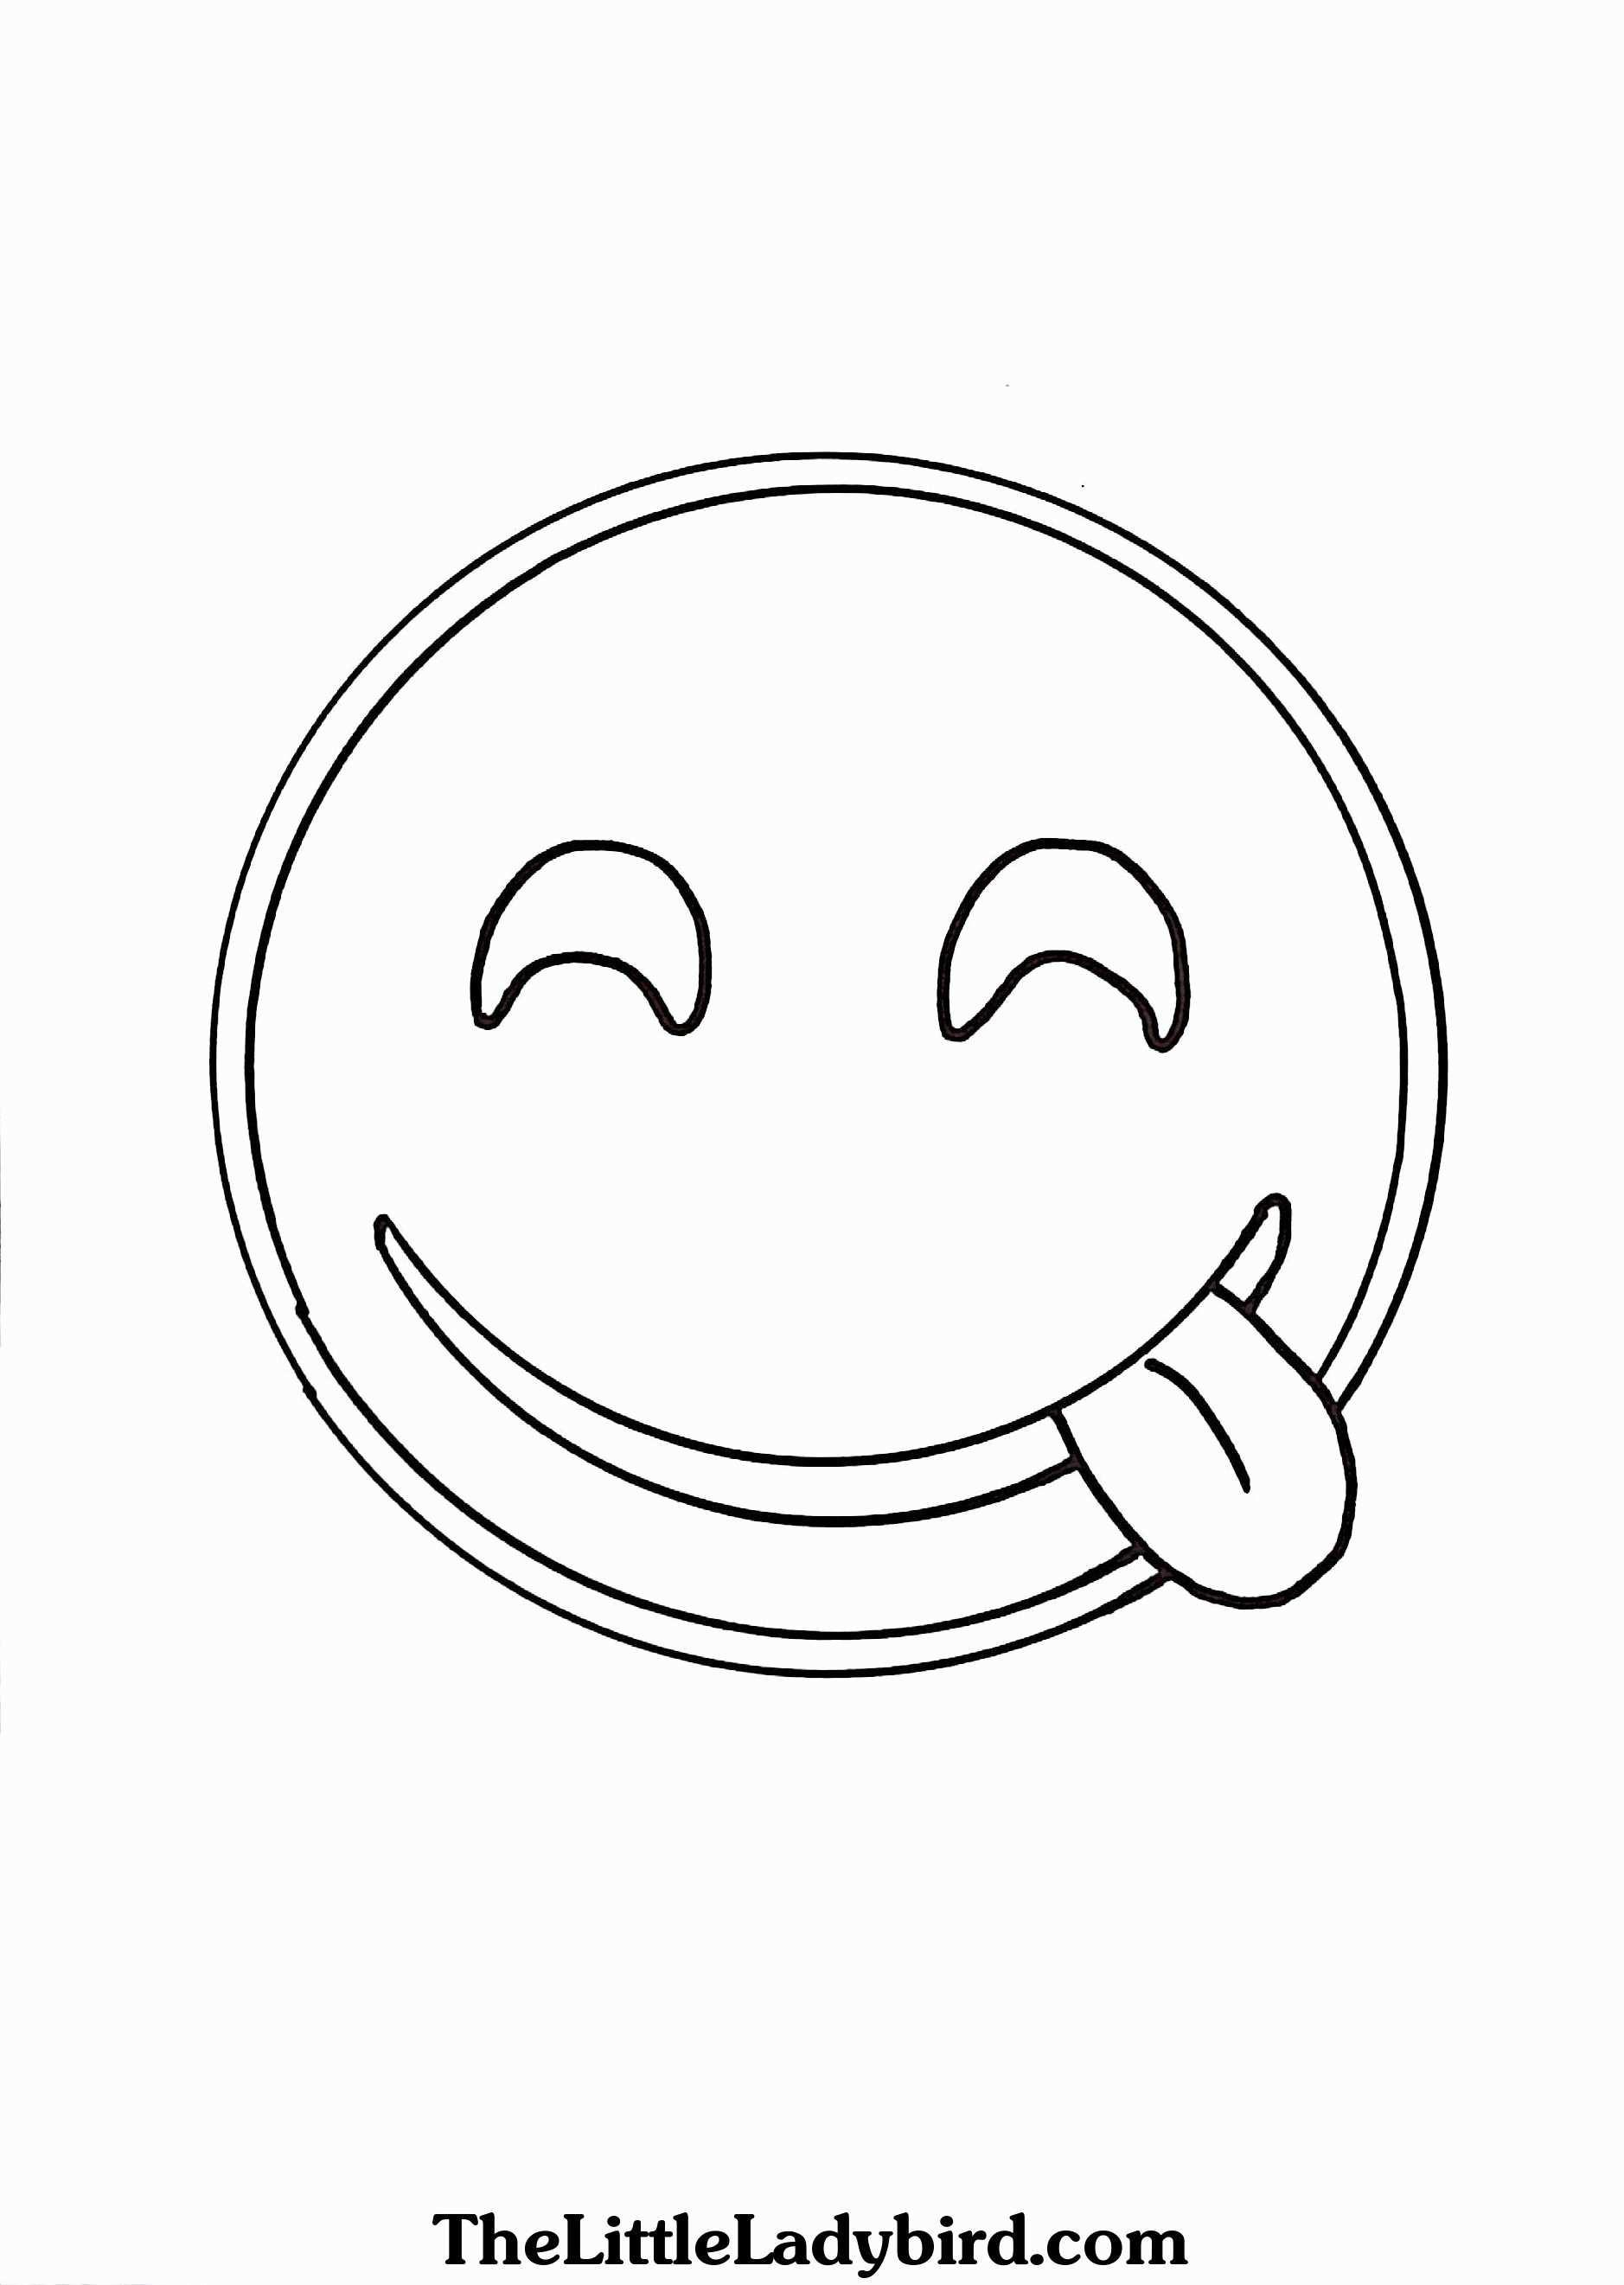 Ausmalbilder Emojis Unicorn Das Beste Von Emoji Printable Coloring Pages Inspirational 30 Ausmalbilder Emojis Bild